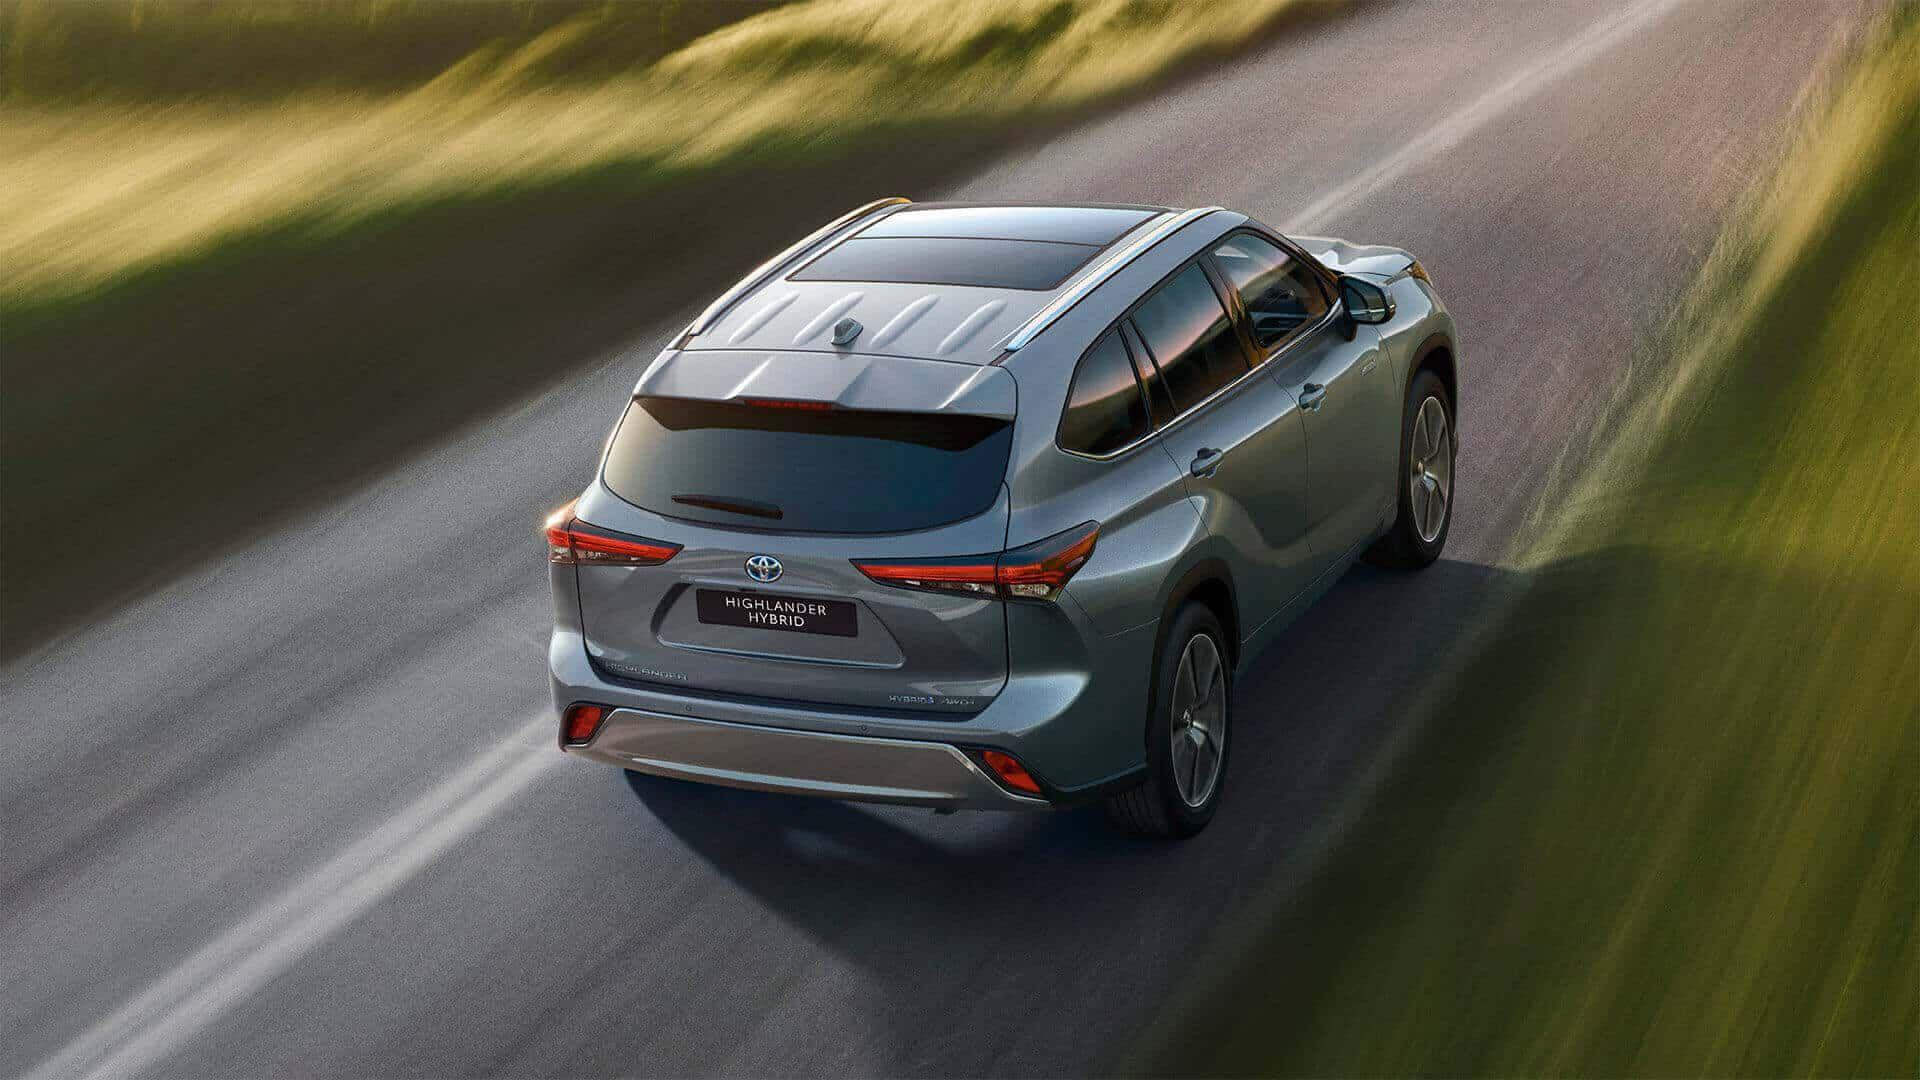 Der neue Toyota Highlander Hybrid beim Autohaus Metzger